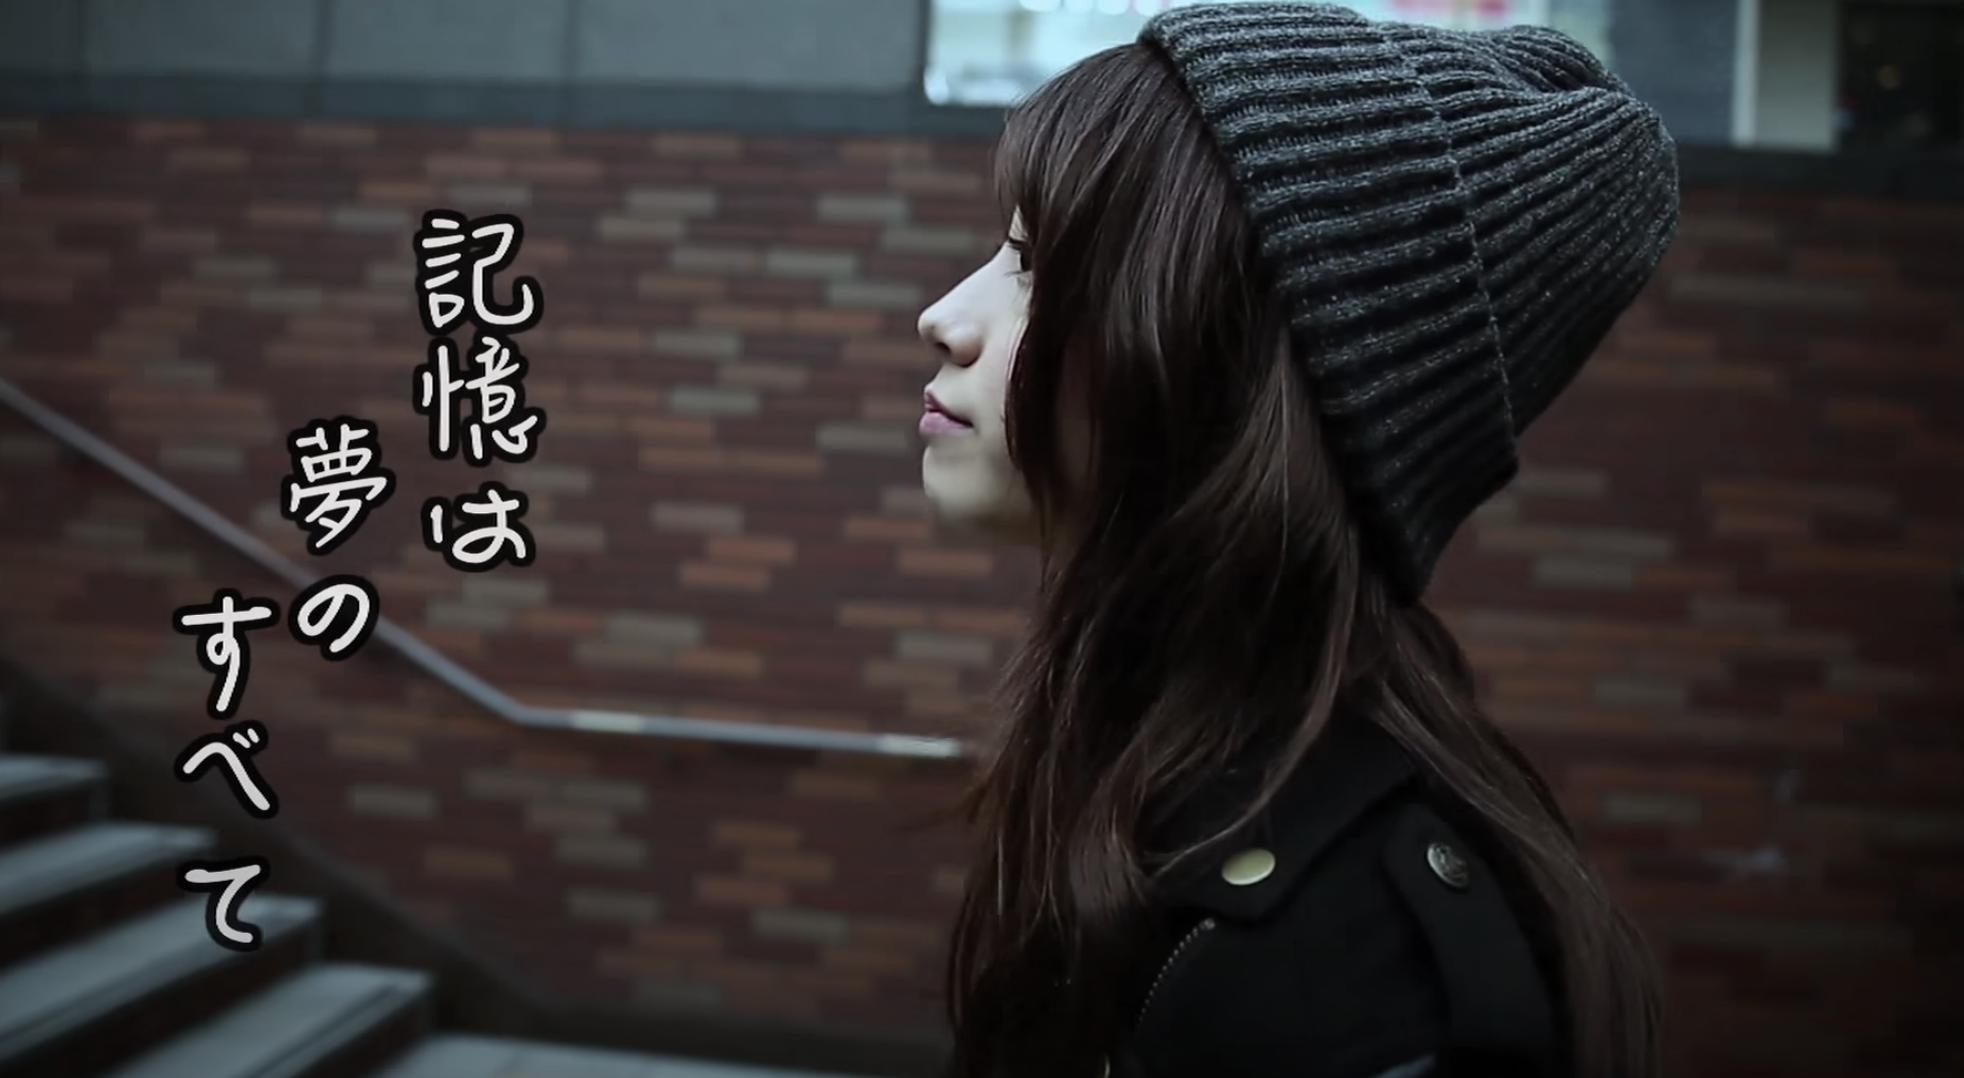 【PV】記憶は夢のすべて